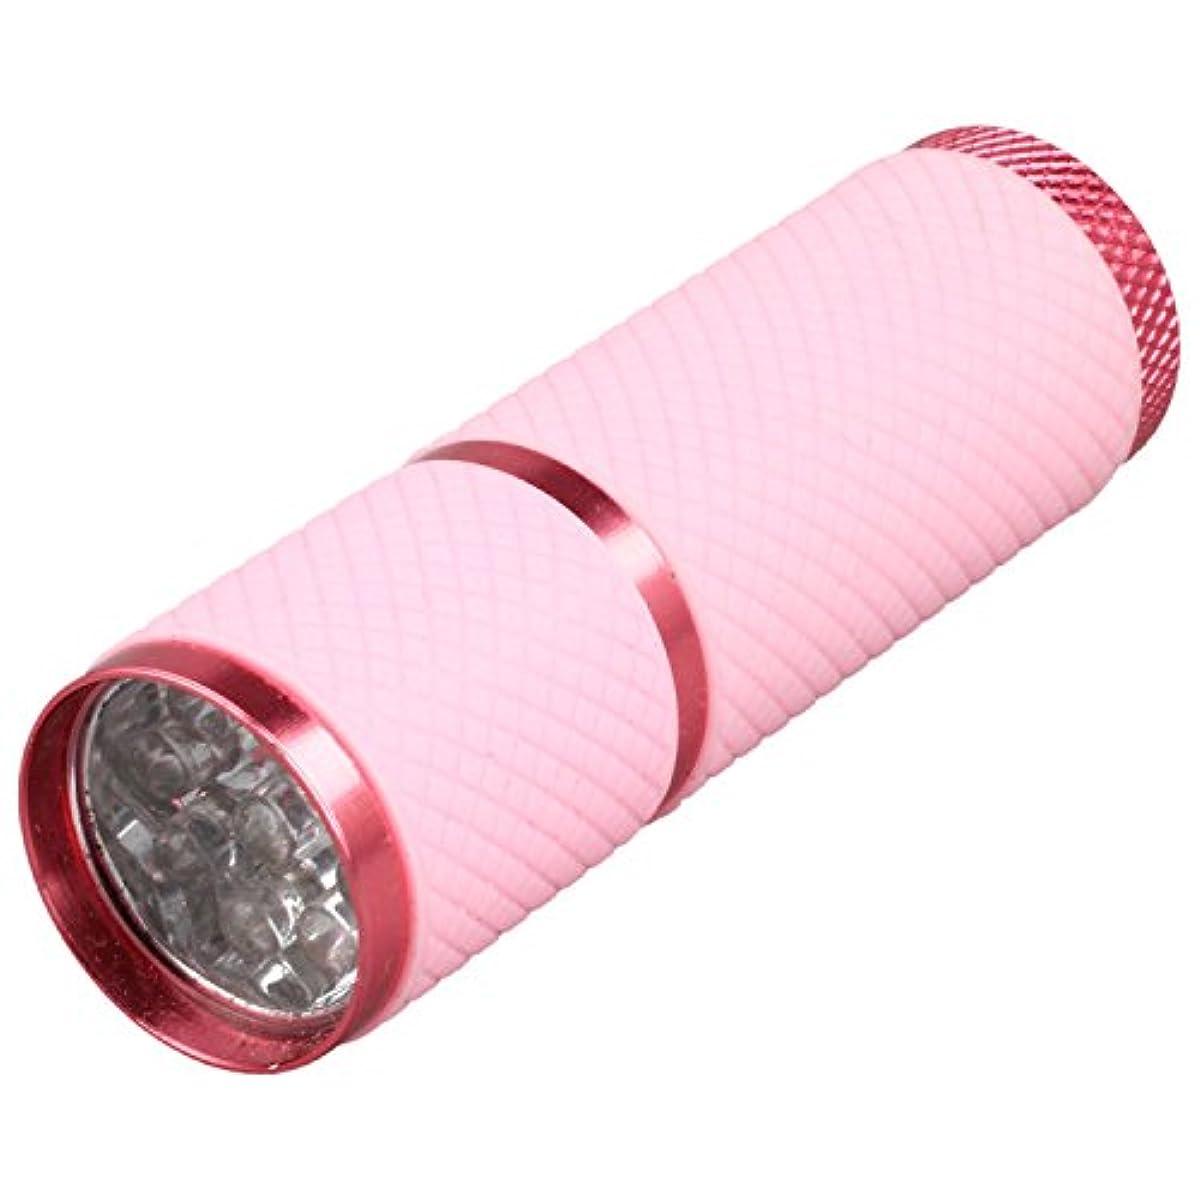 みすぼらしい詐欺オプショナルSODIAL 1個 ミニ9 LED Uv ゲル硬化ランプ バッテリーなし 携帯性ネイルドライヤー LEDフラッシュライト通貨検出器 アルミニウム合金 ピンクカラー